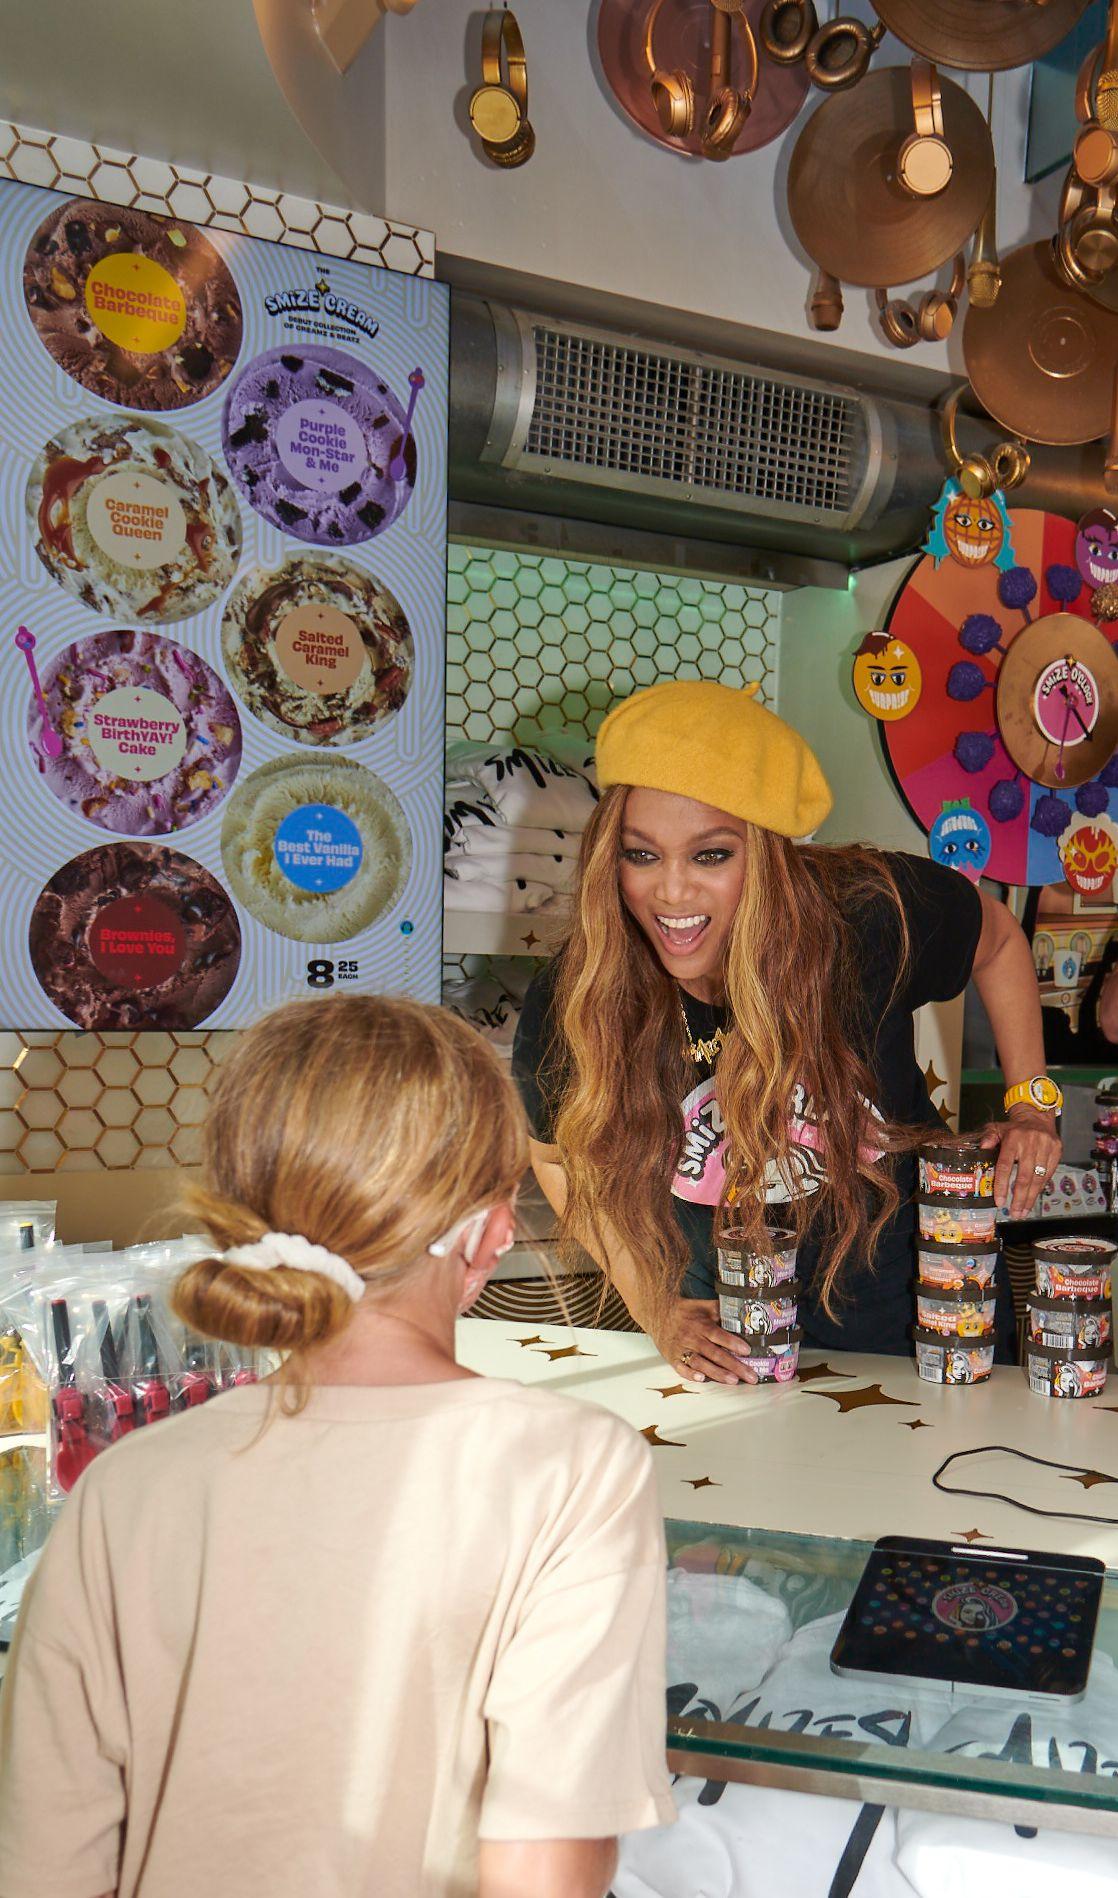 Smize Cream shop owner Tyra Banks in Santa Monica, California